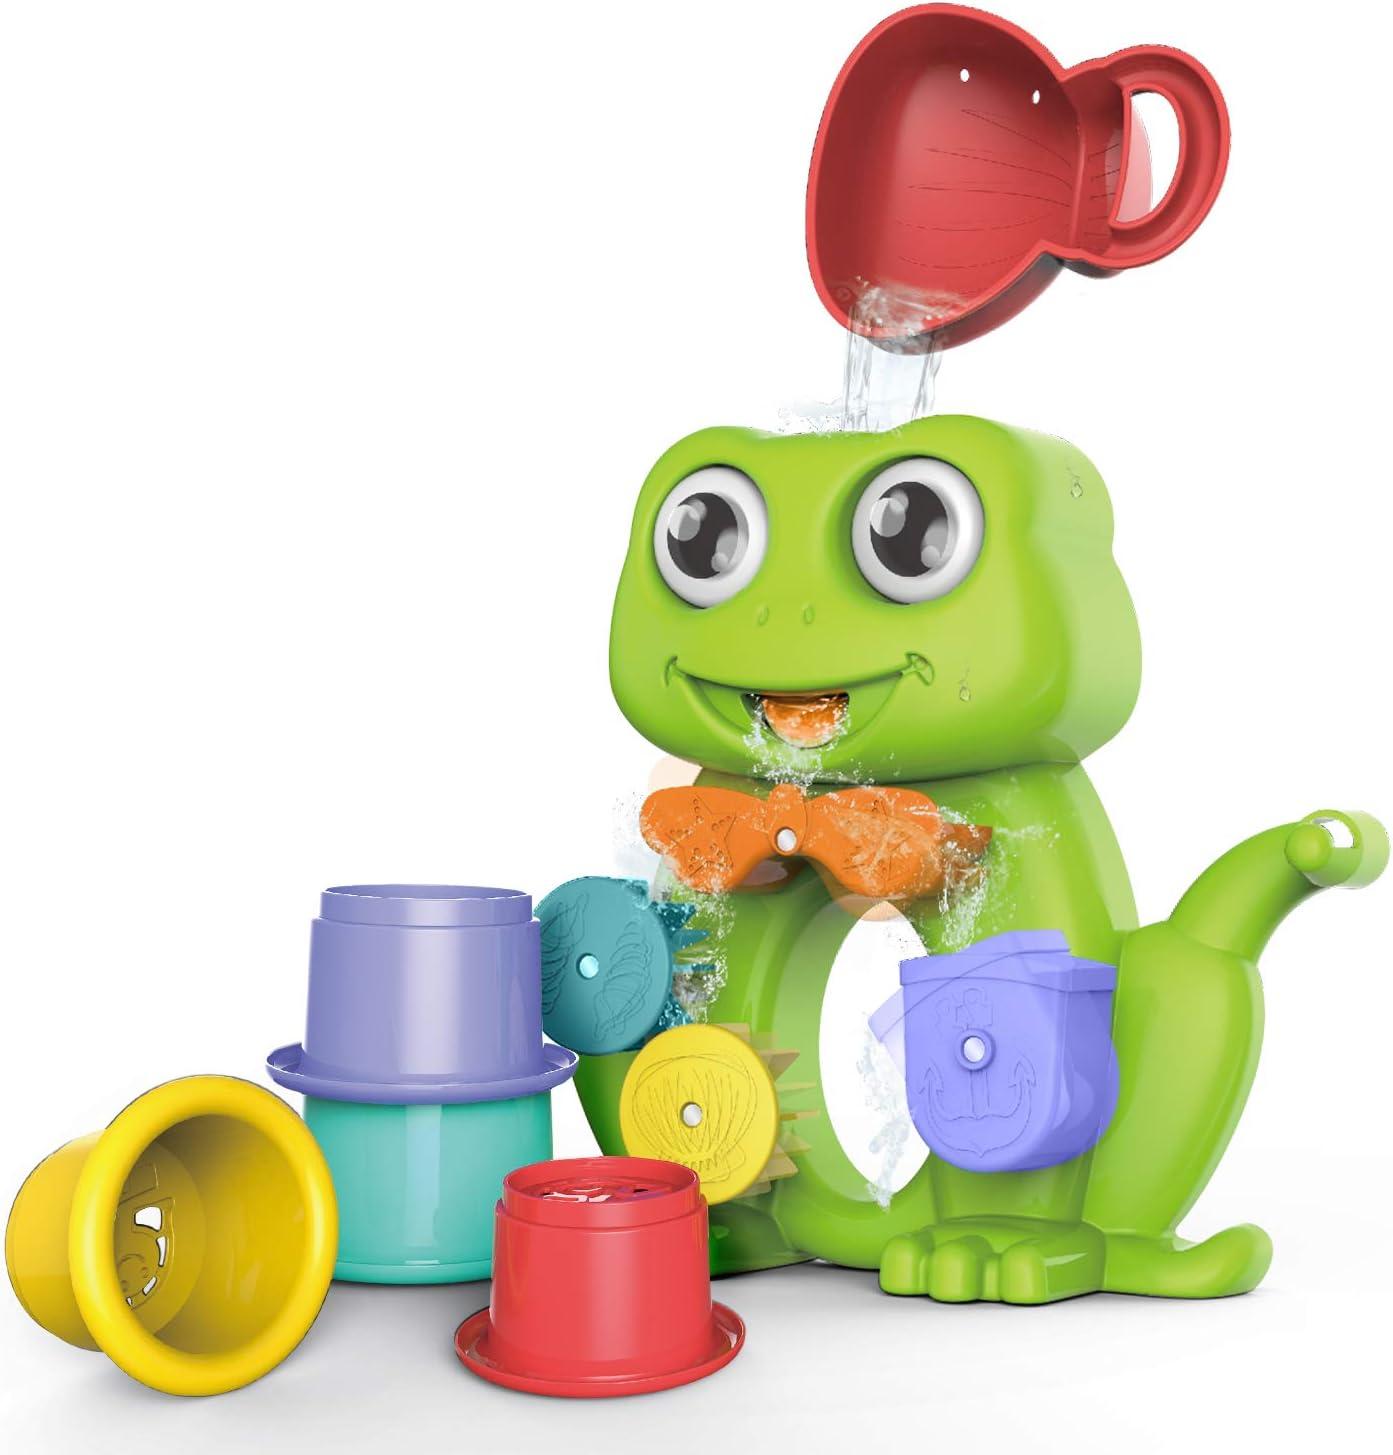 GizmoVine Juguetes de Baño en Forma de Ranas, Juguetes Flotadores de Animales y Vasos de Agua ; Juguete de Piscina para Niños,Juguetes Bañera de Bebé Hechos para Muchachos y Chicas.